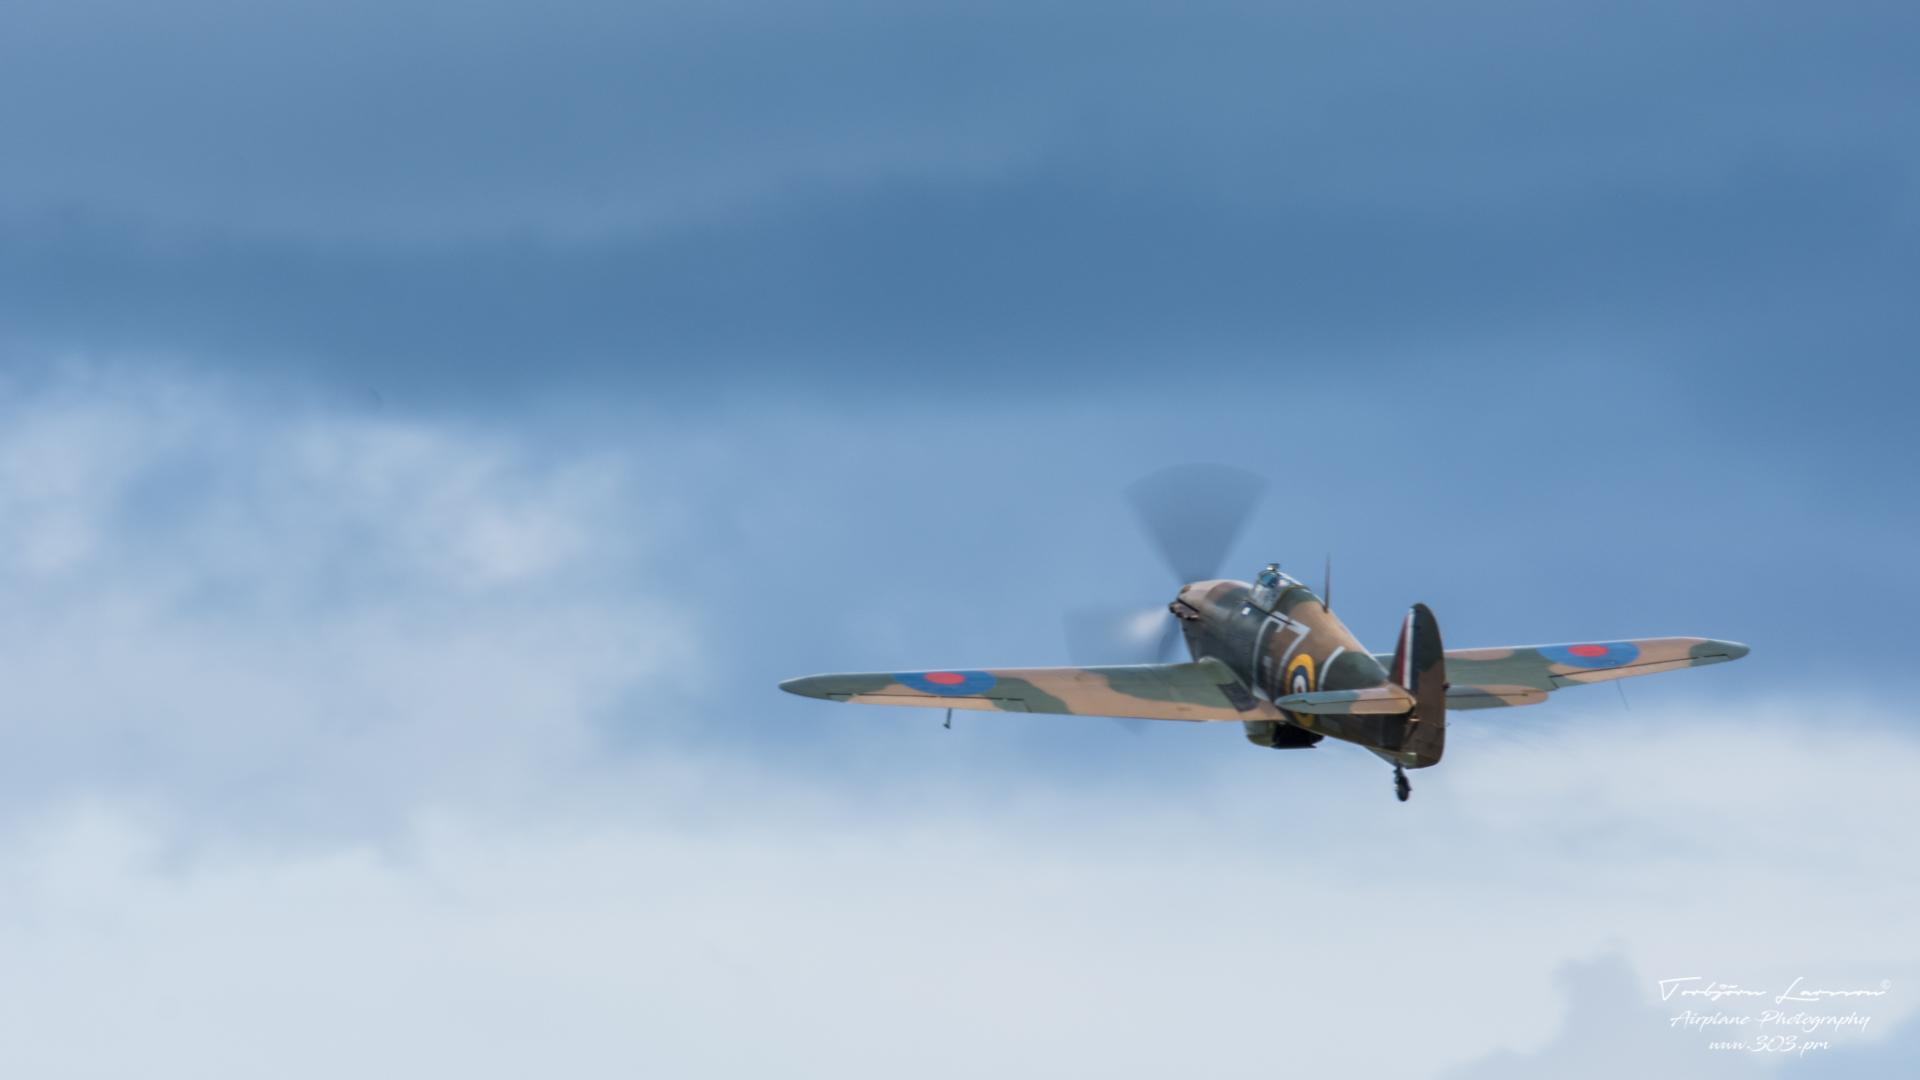 TBE_1126-Hawker Hurricane Mk1